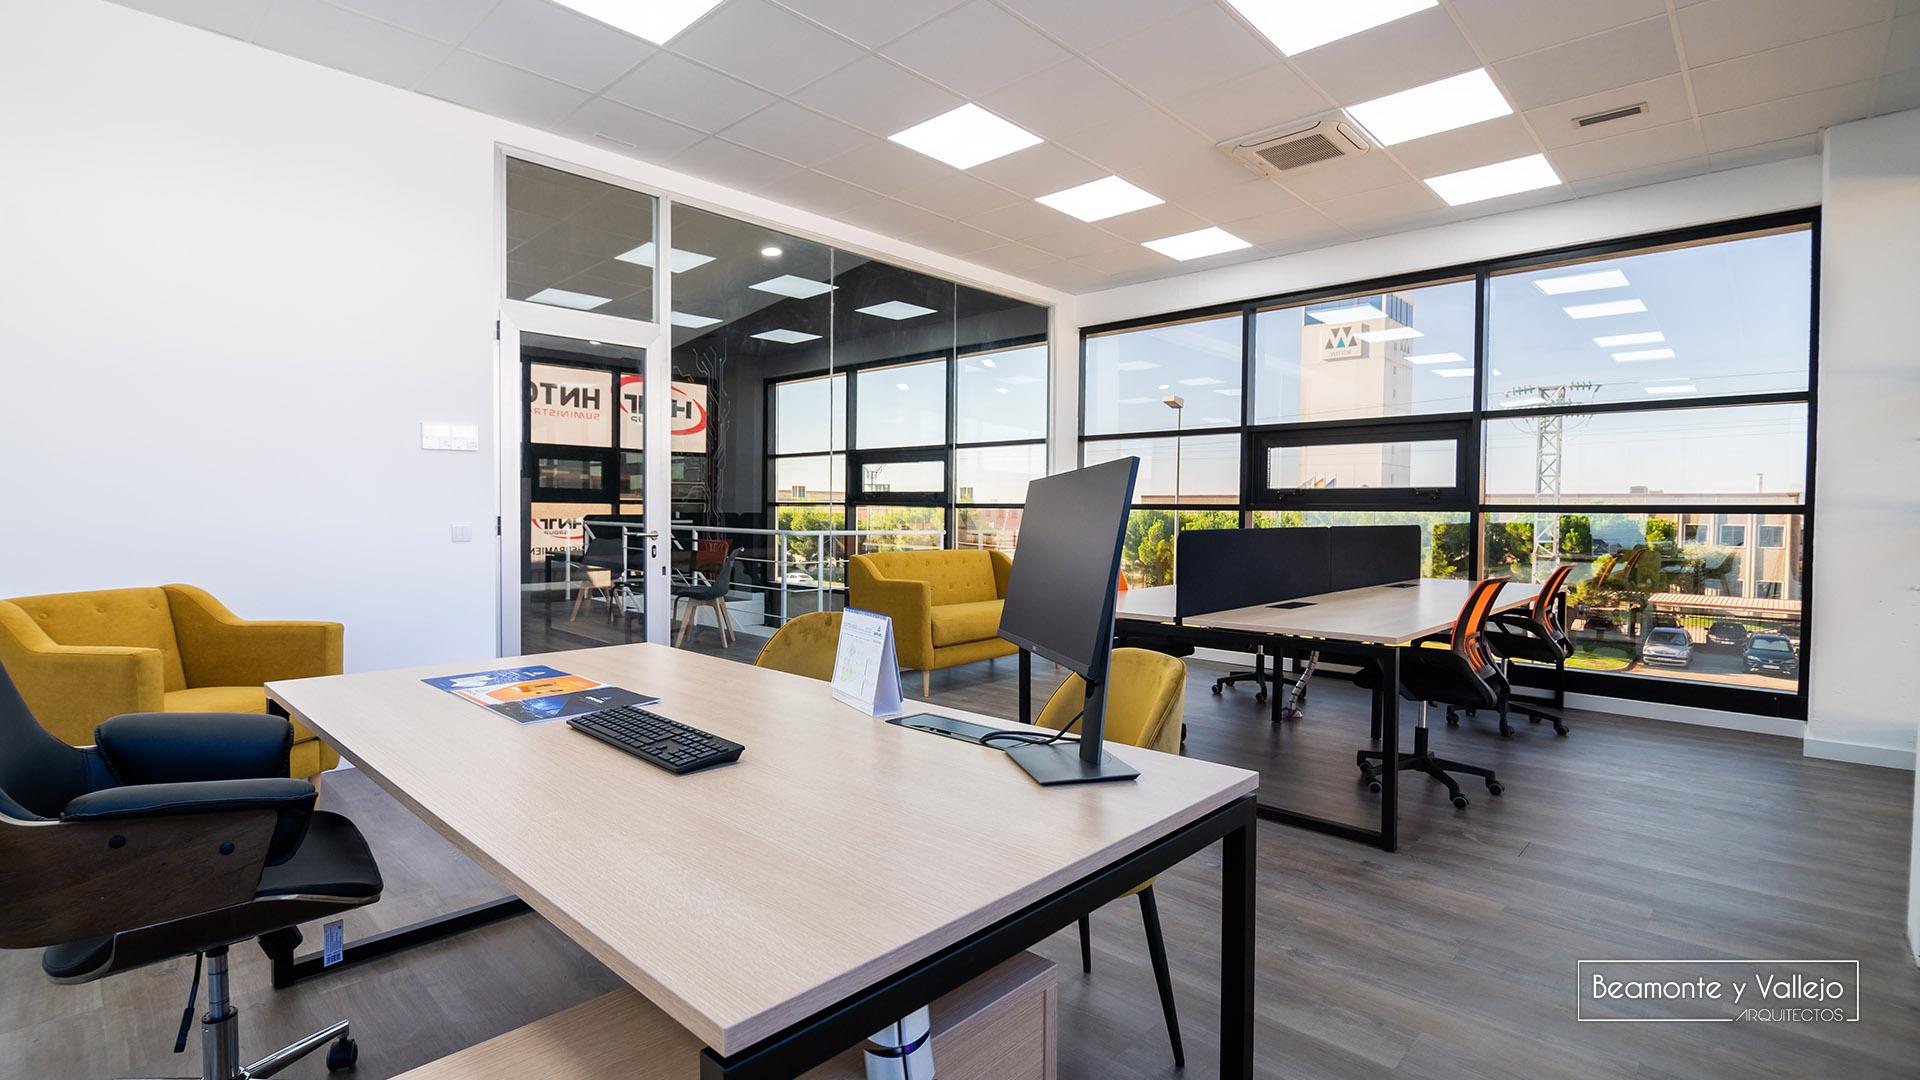 Beamonte y Vallejo arquitectos - Oficinas Arkel - 3